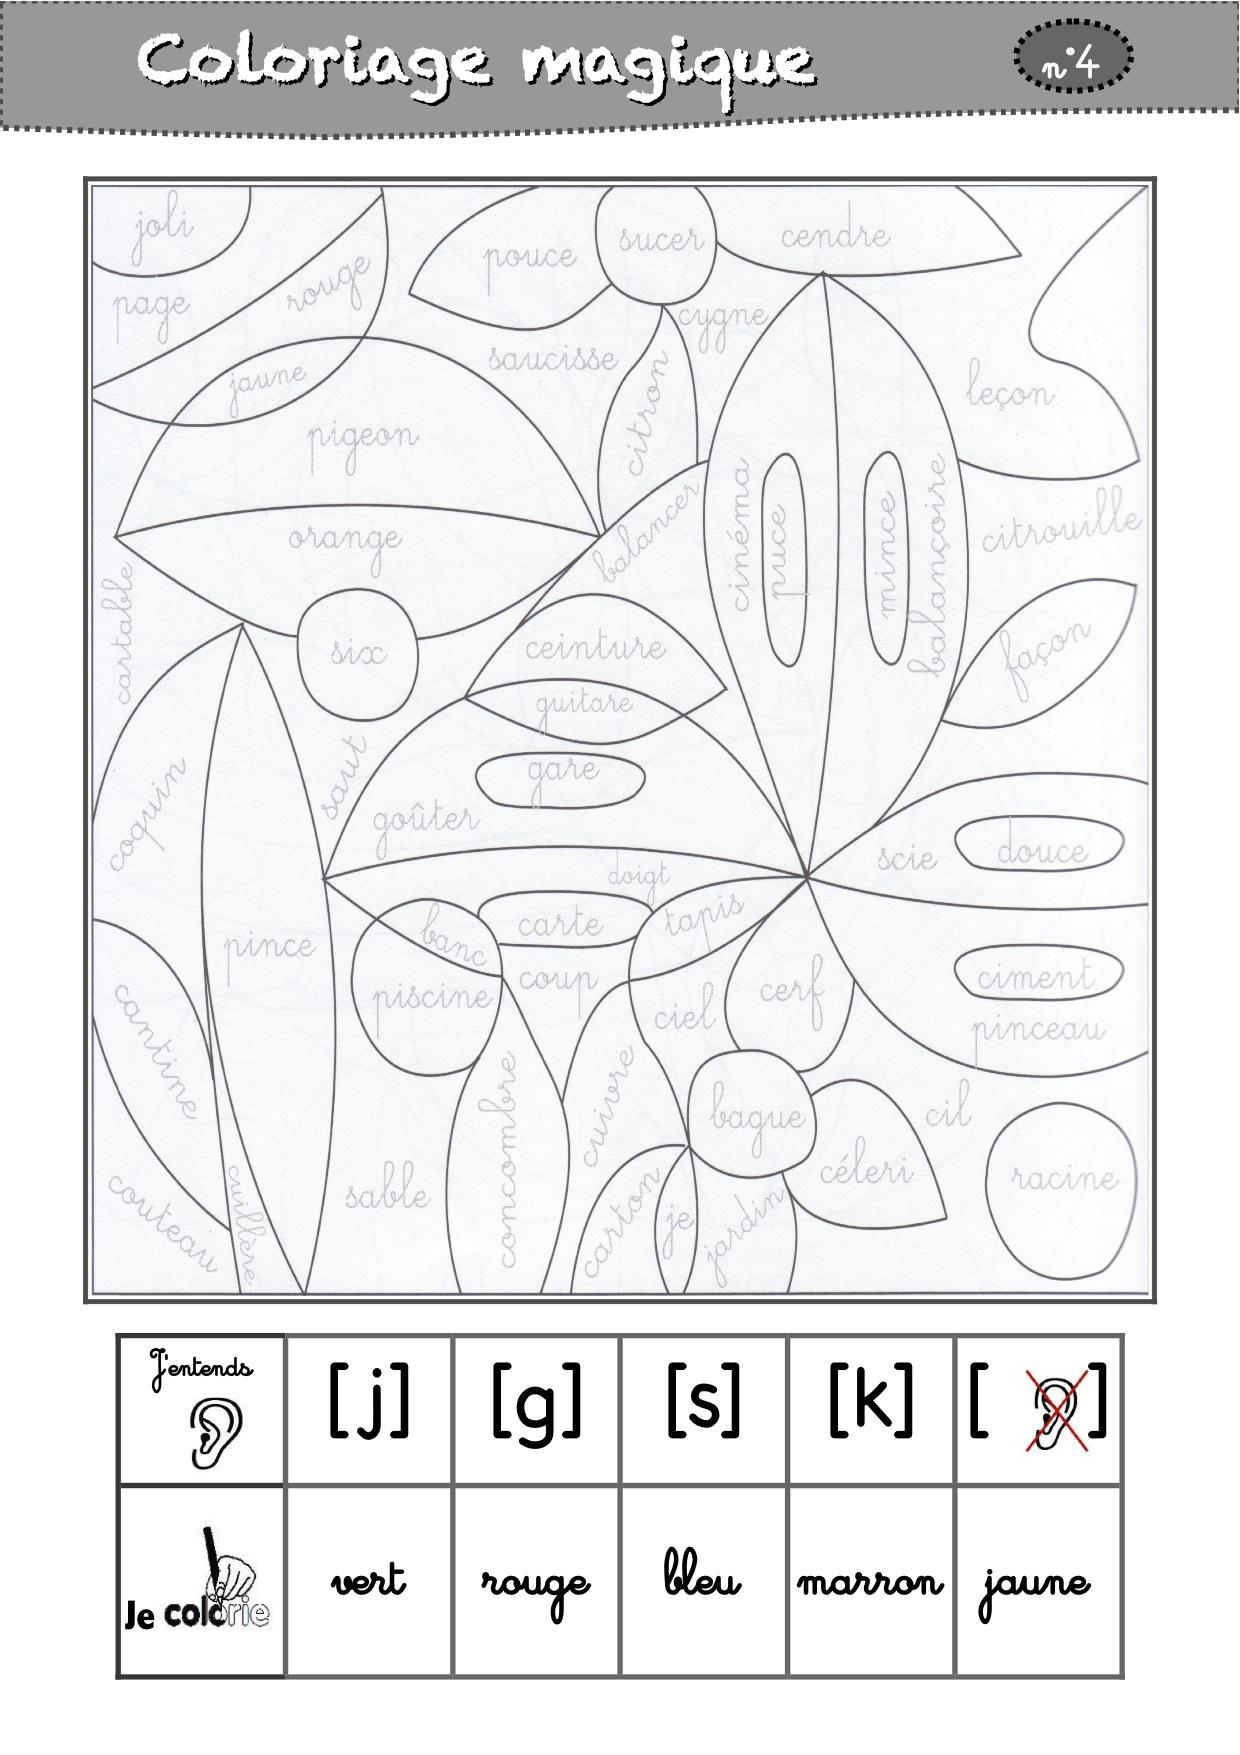 Coloriage Magique Fin Cp Maths.Coloriages Magiques Cp La Classe De Luccia